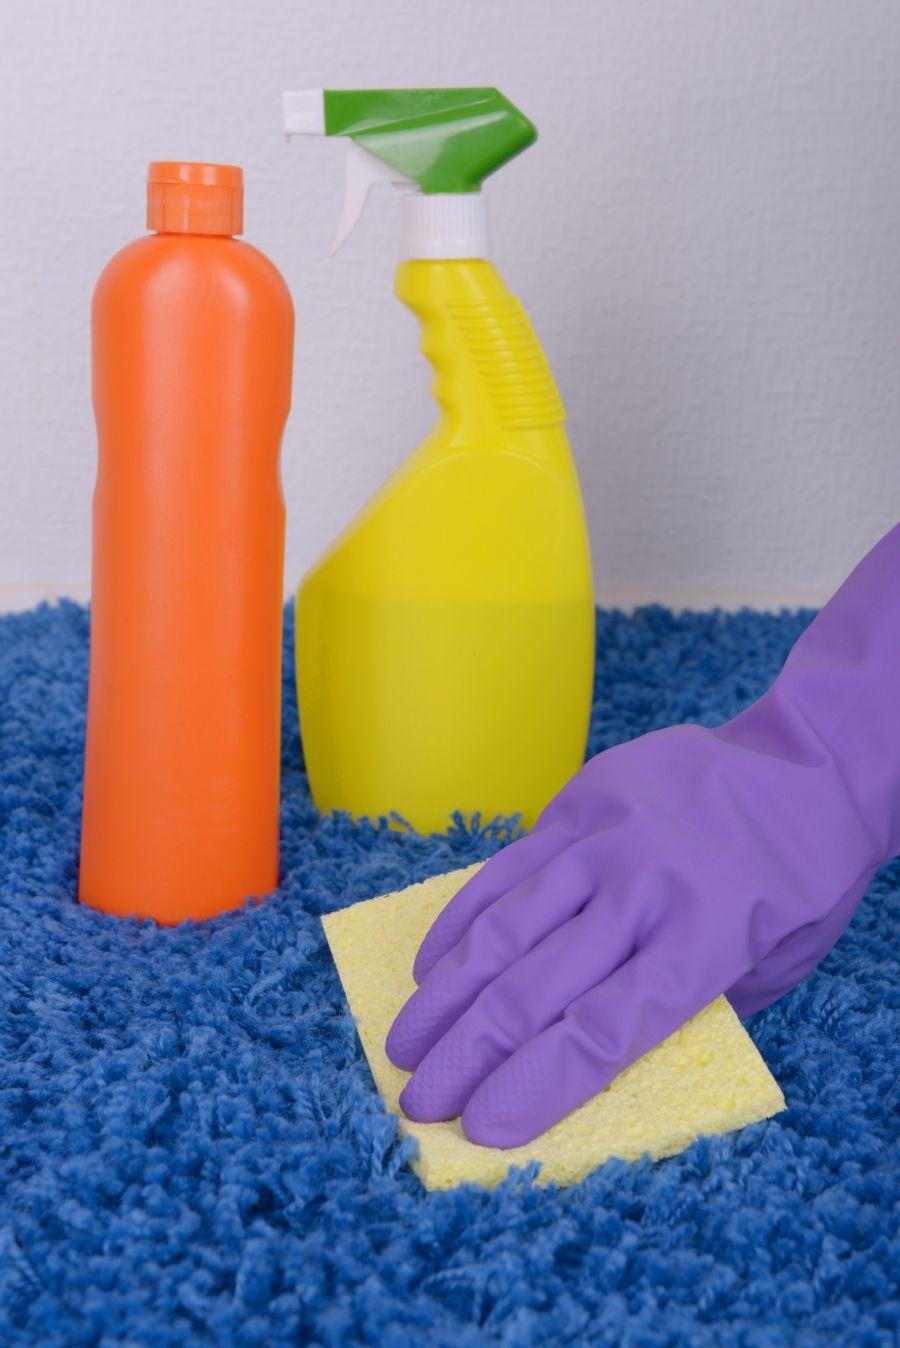 einweghandschuh ist nicht gleich einweghandschuh putzen cleaning. Black Bedroom Furniture Sets. Home Design Ideas